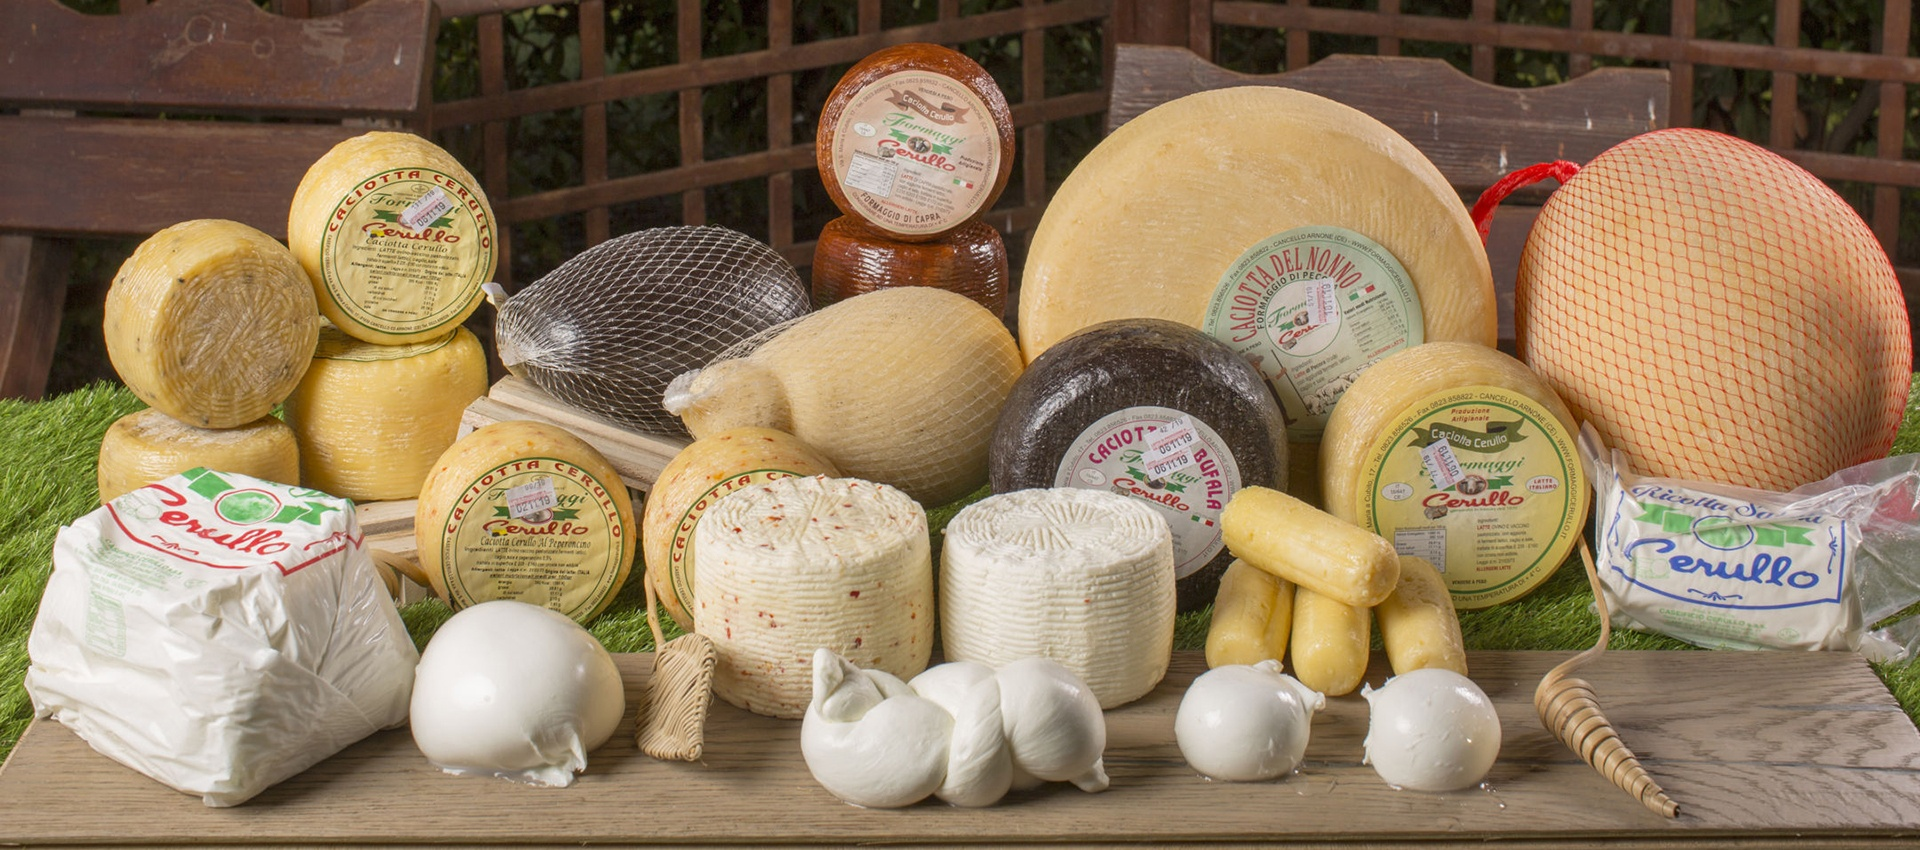 Produzione ingrosso formaggi